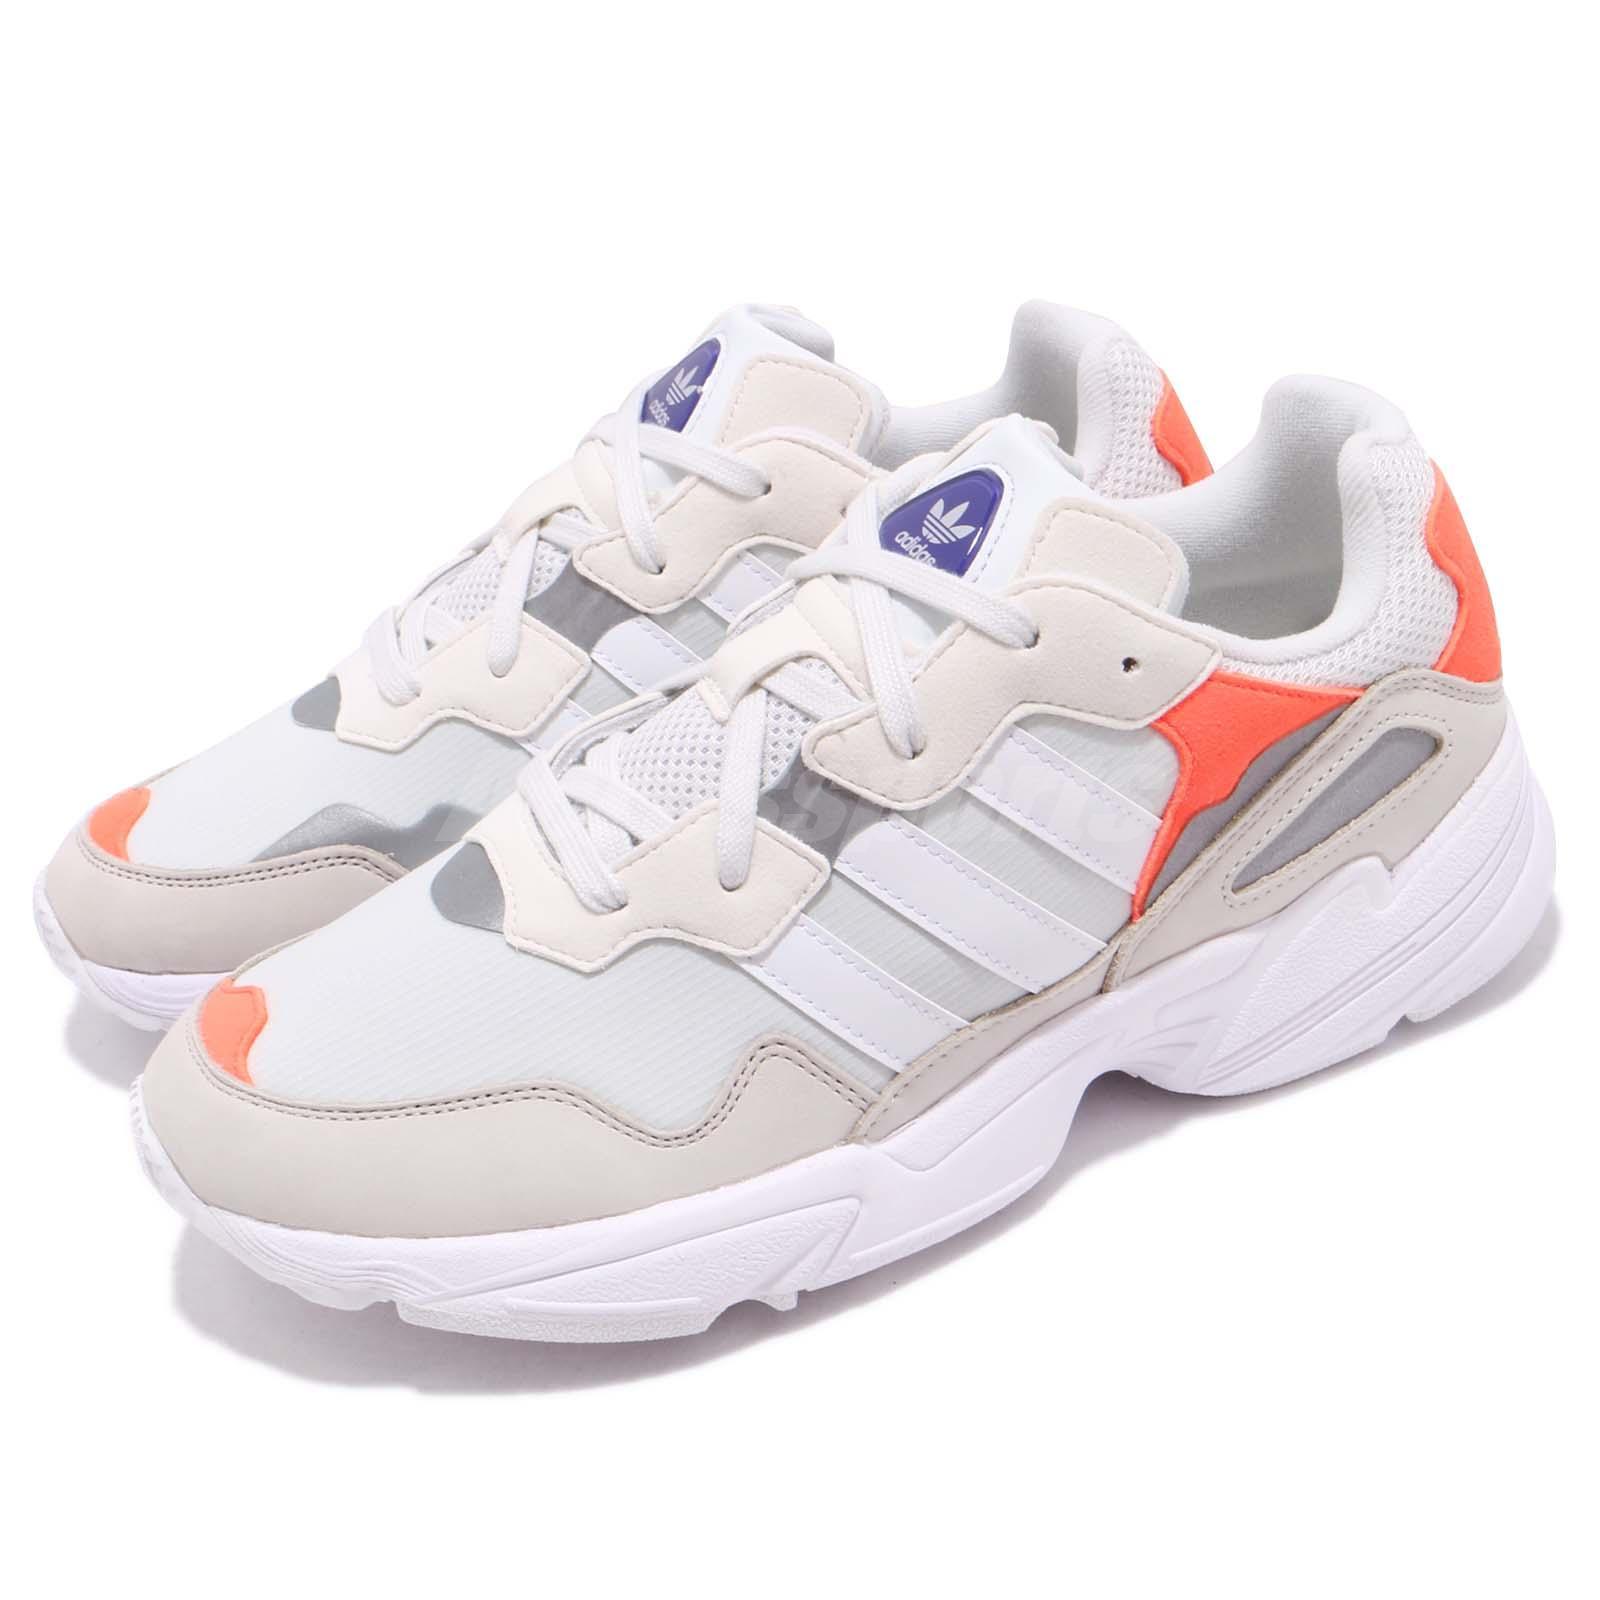 wybór premium Pierwsze spojrzenie najlepsze buty Details about adidas Originals Yung-96 White Orange Men Running Daddy Shoes  Sneakers F97179